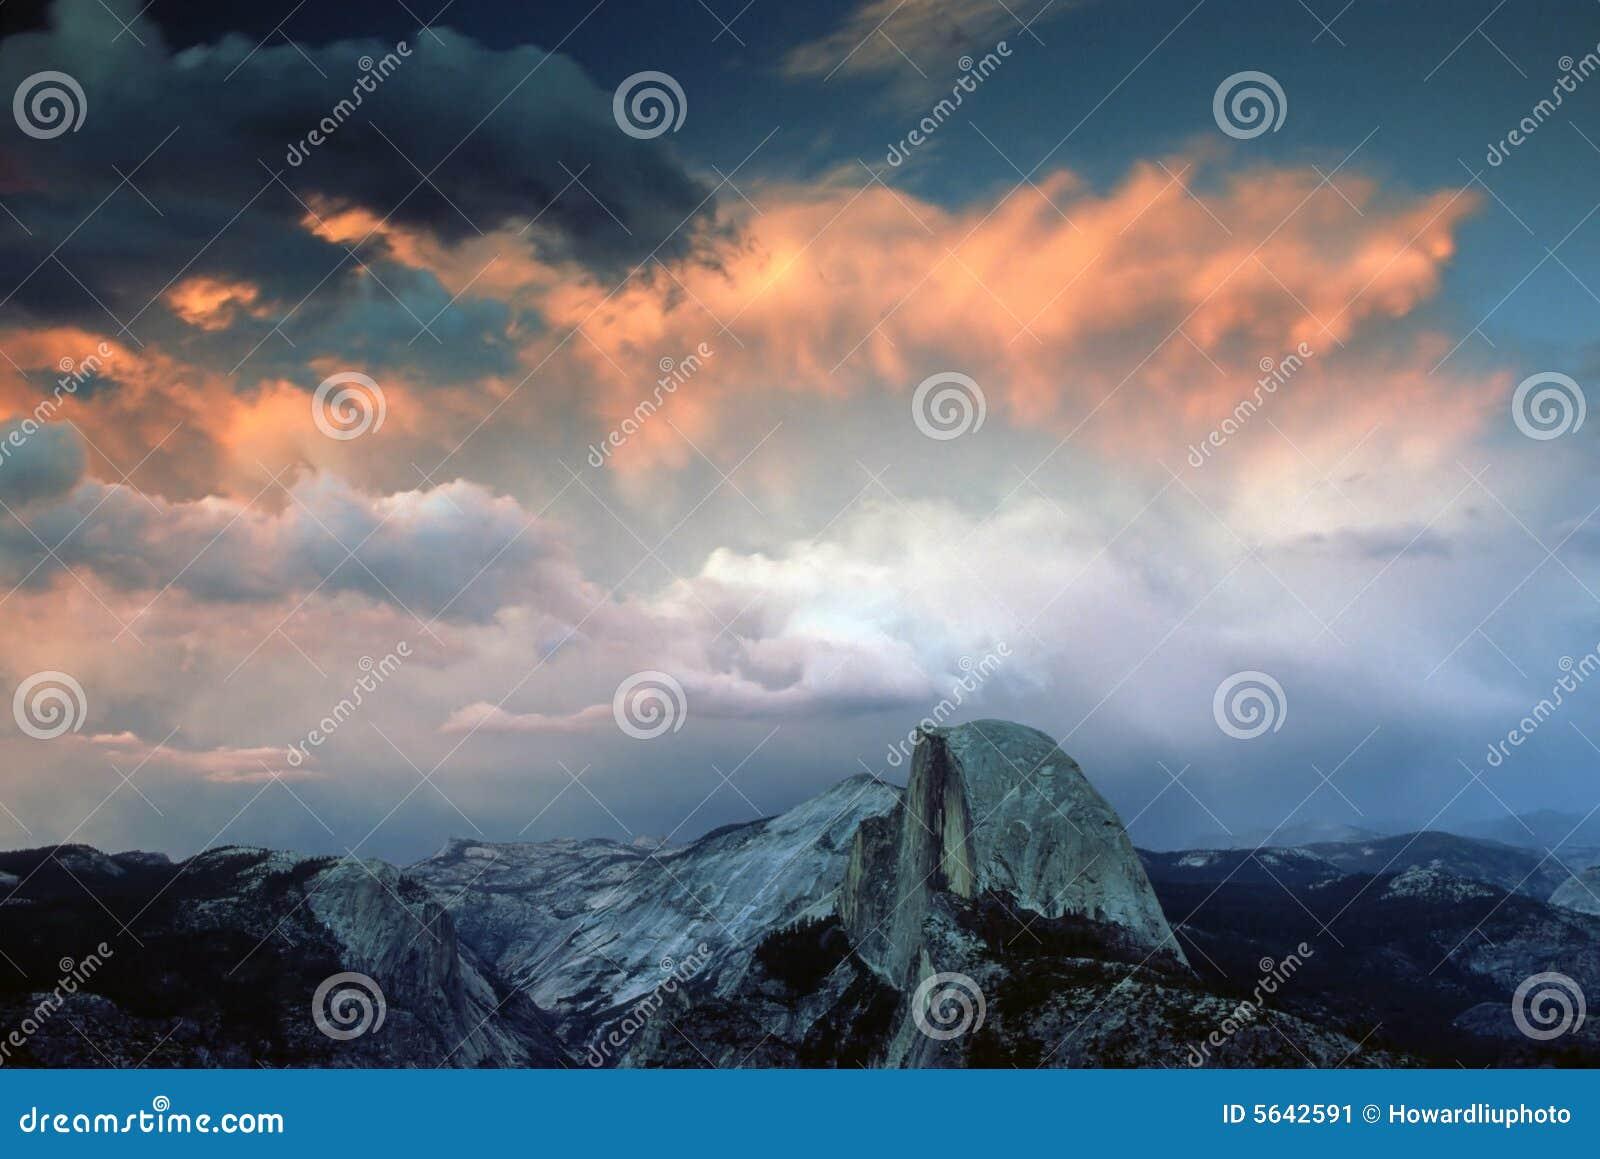 Half Noodlot onder stormachtige Zonsondergang